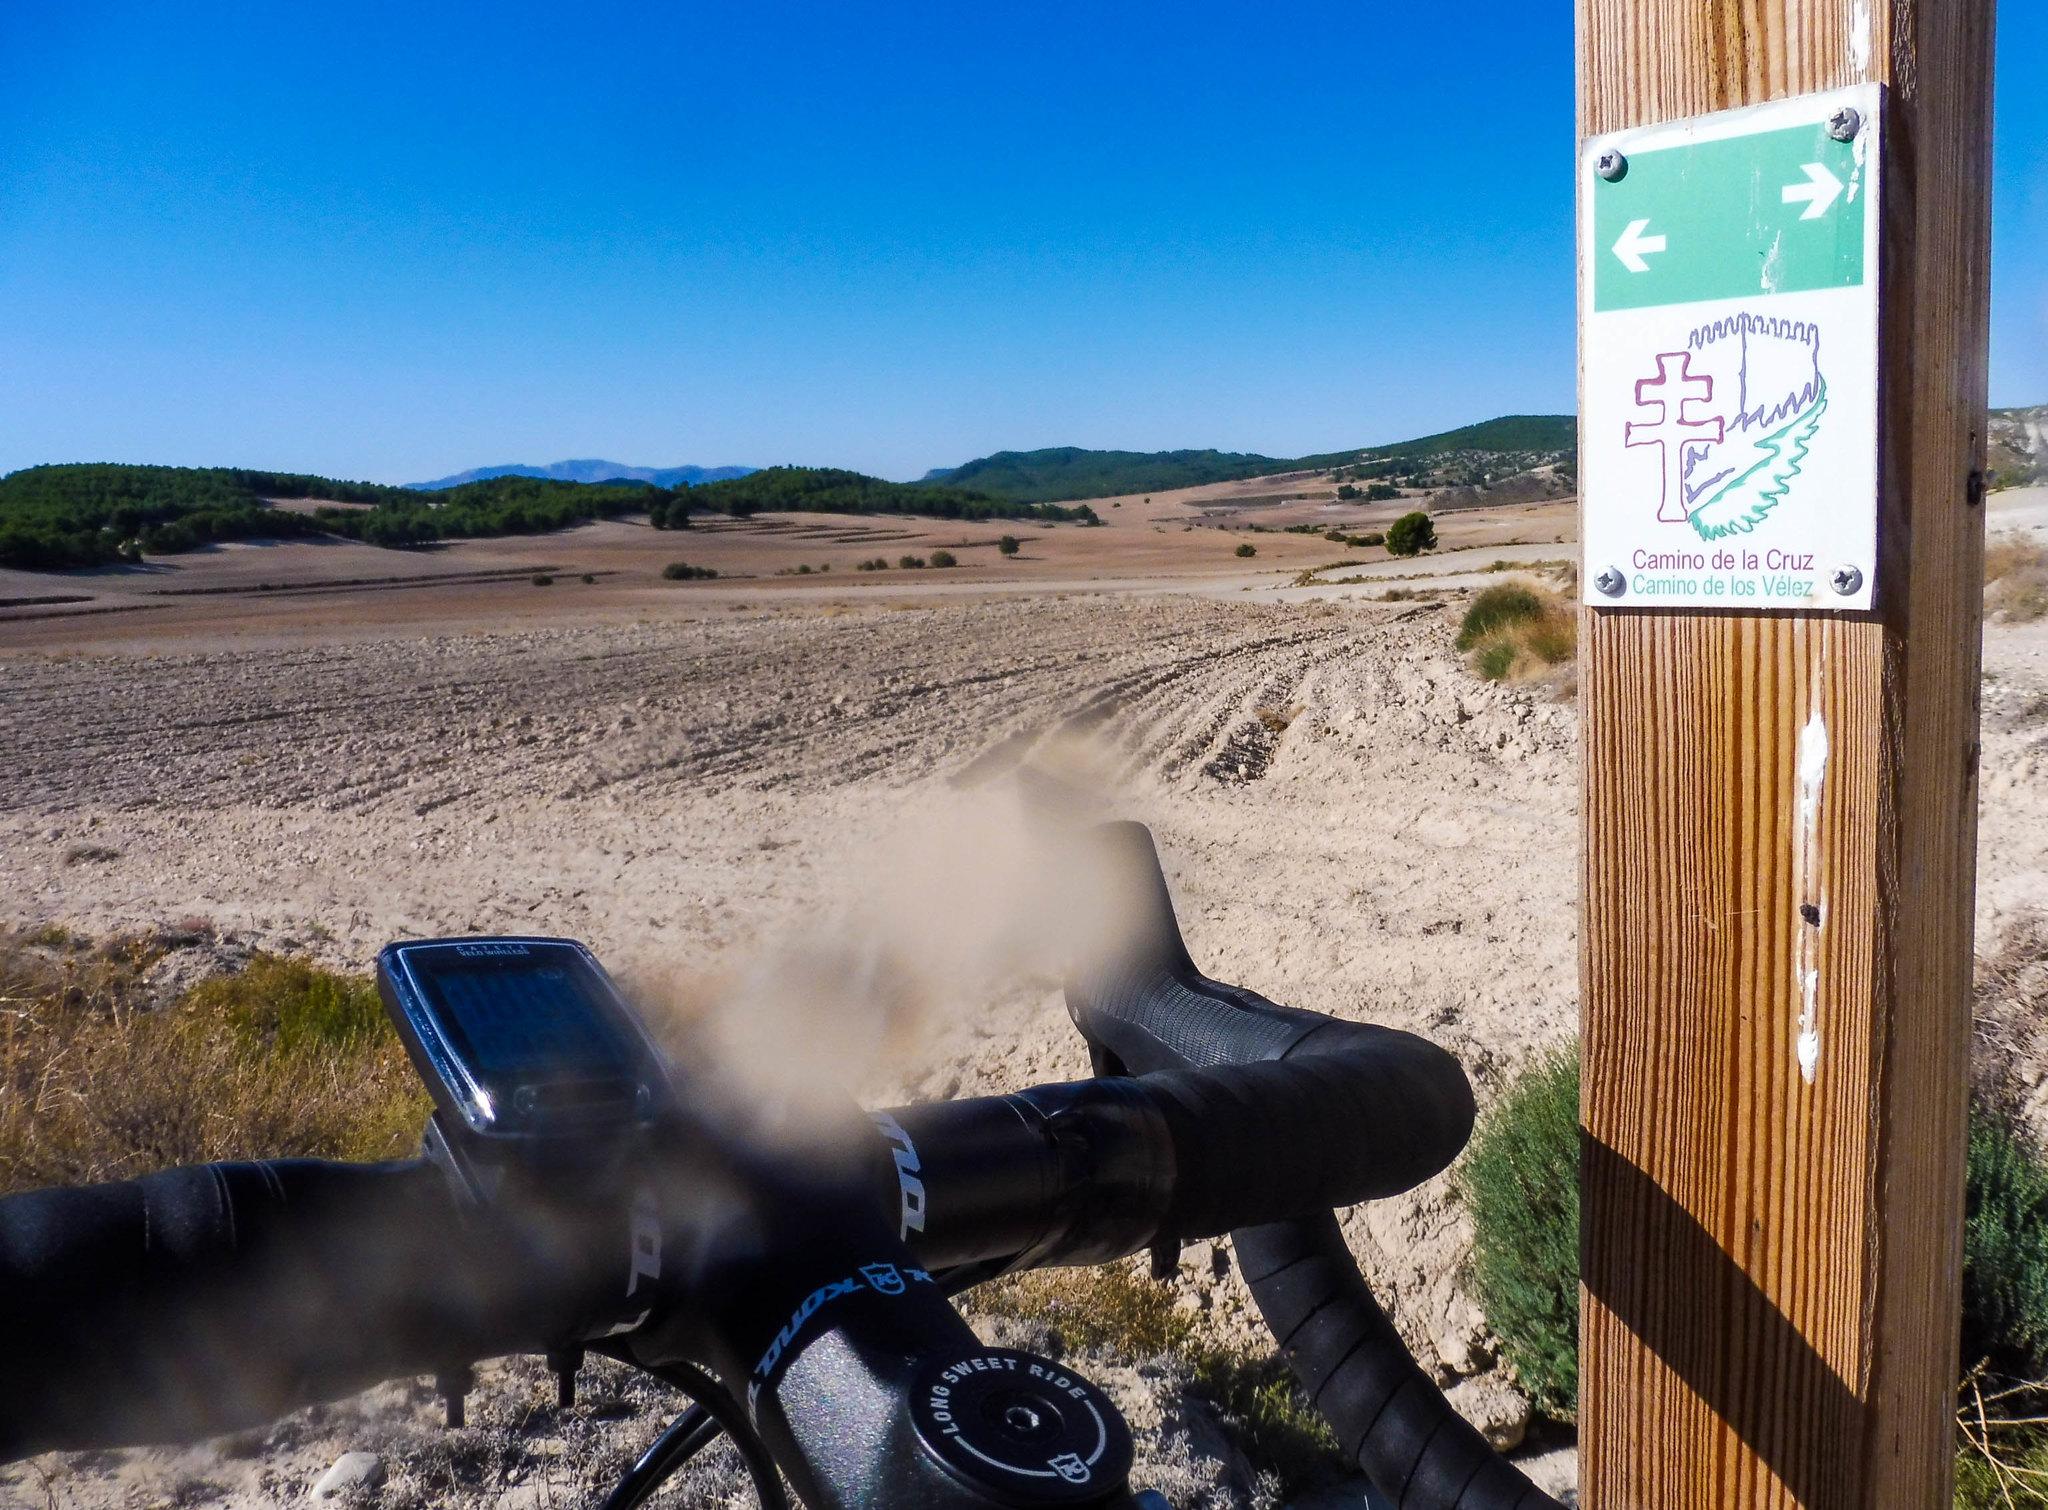 Al principio la ruta coincide con el Camino de la Cruz desde los Vélez